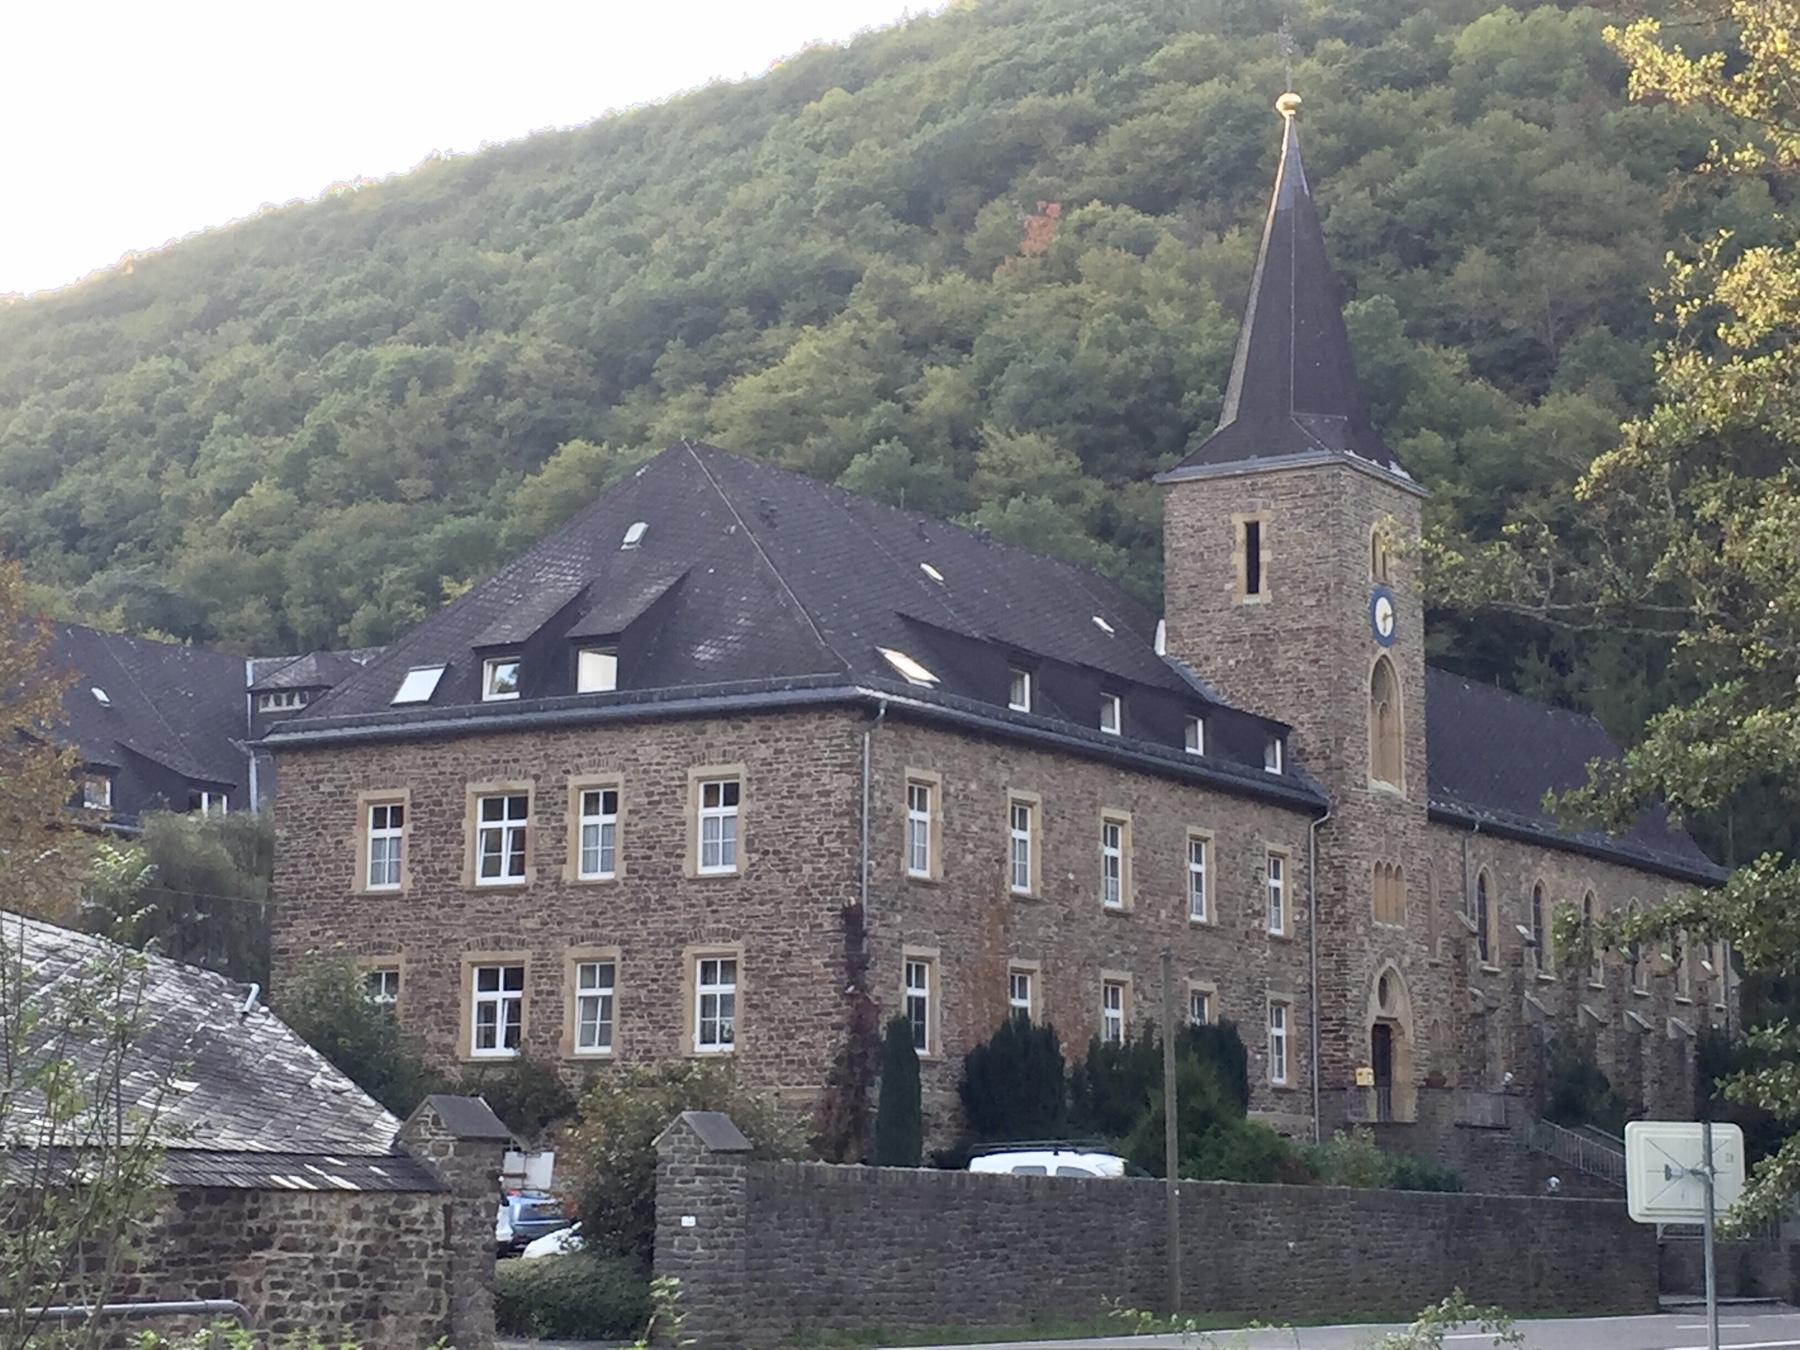 Kloster Maria Engelport zwischen Treis und Beilstein, Mosel-Camino Etappe 2